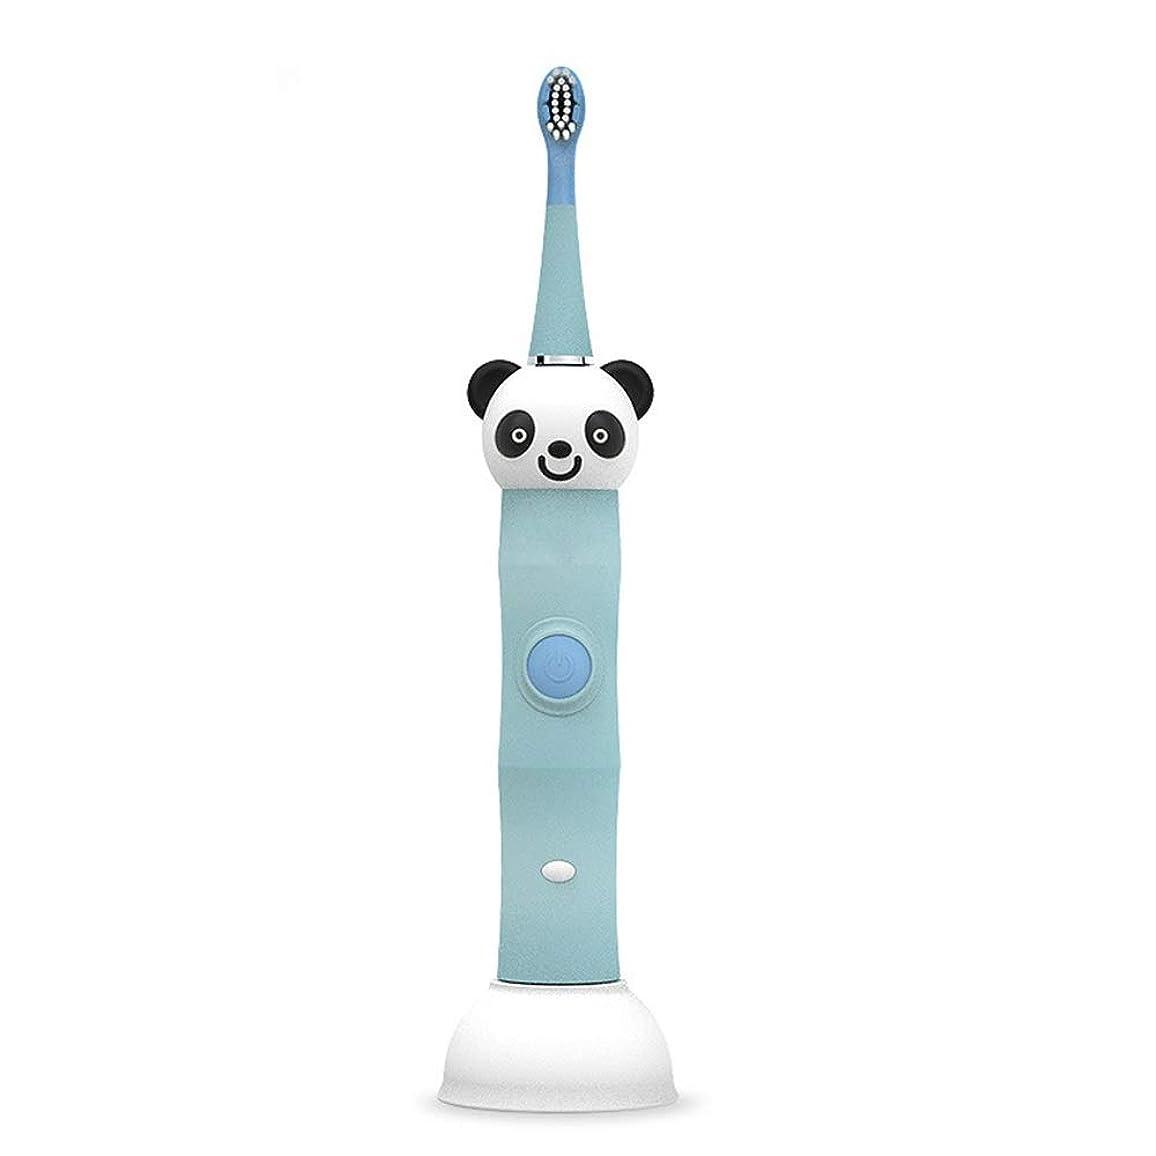 データけがをする準備する家庭用電動歯ブラシ USBの充満基盤の柔らかい毛のきれいな歯ブラシと防水子供の電動歯ブラシ 男性用女性子供大人 (色 : 青, サイズ : Free size)